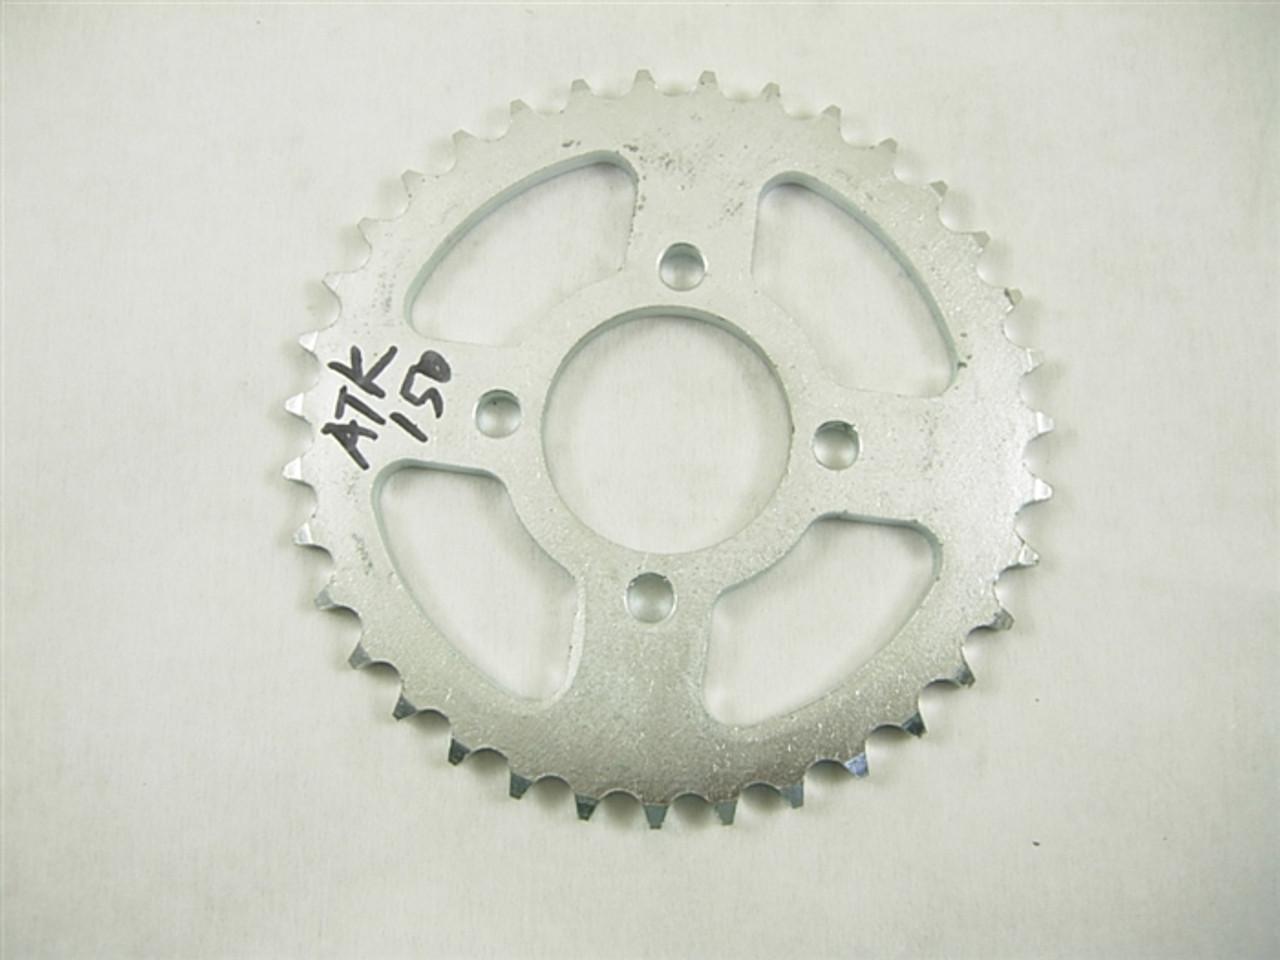 CHAIN SPROCKET /REAR 10283-A16-13